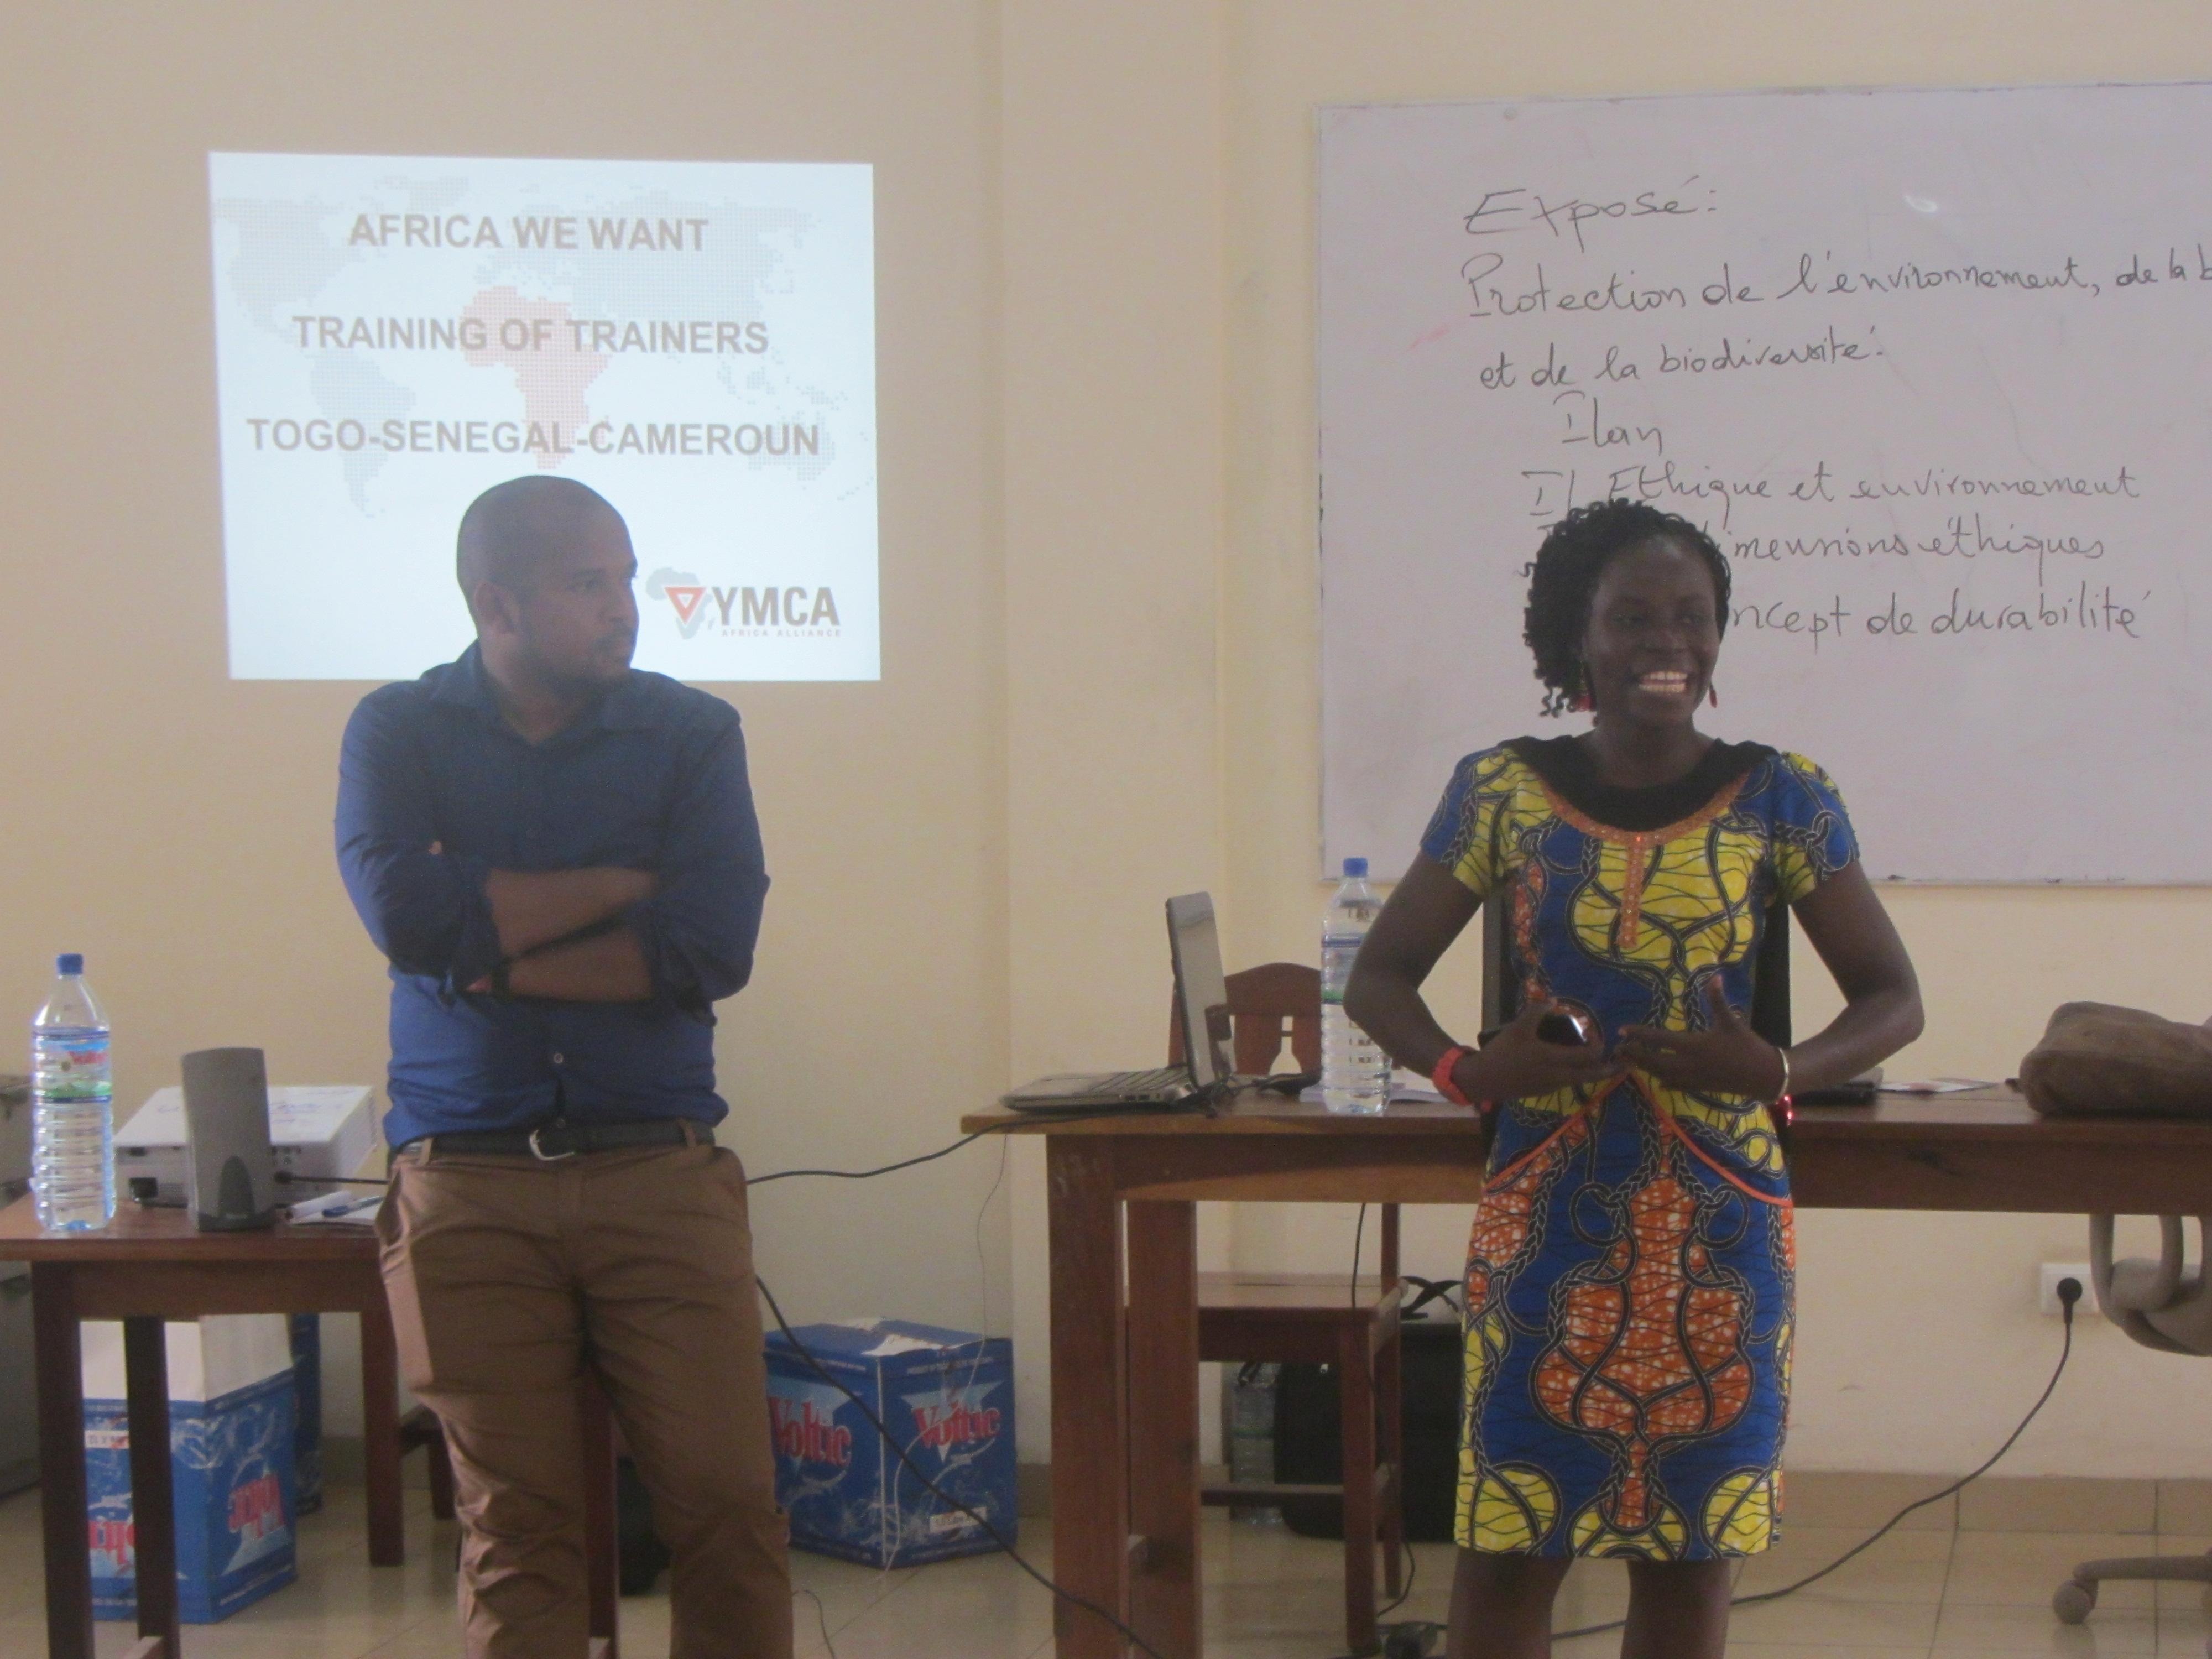 YMCA-Togo transforme les jeunes leaders en catalyseurs pour la Renaissance Africaine